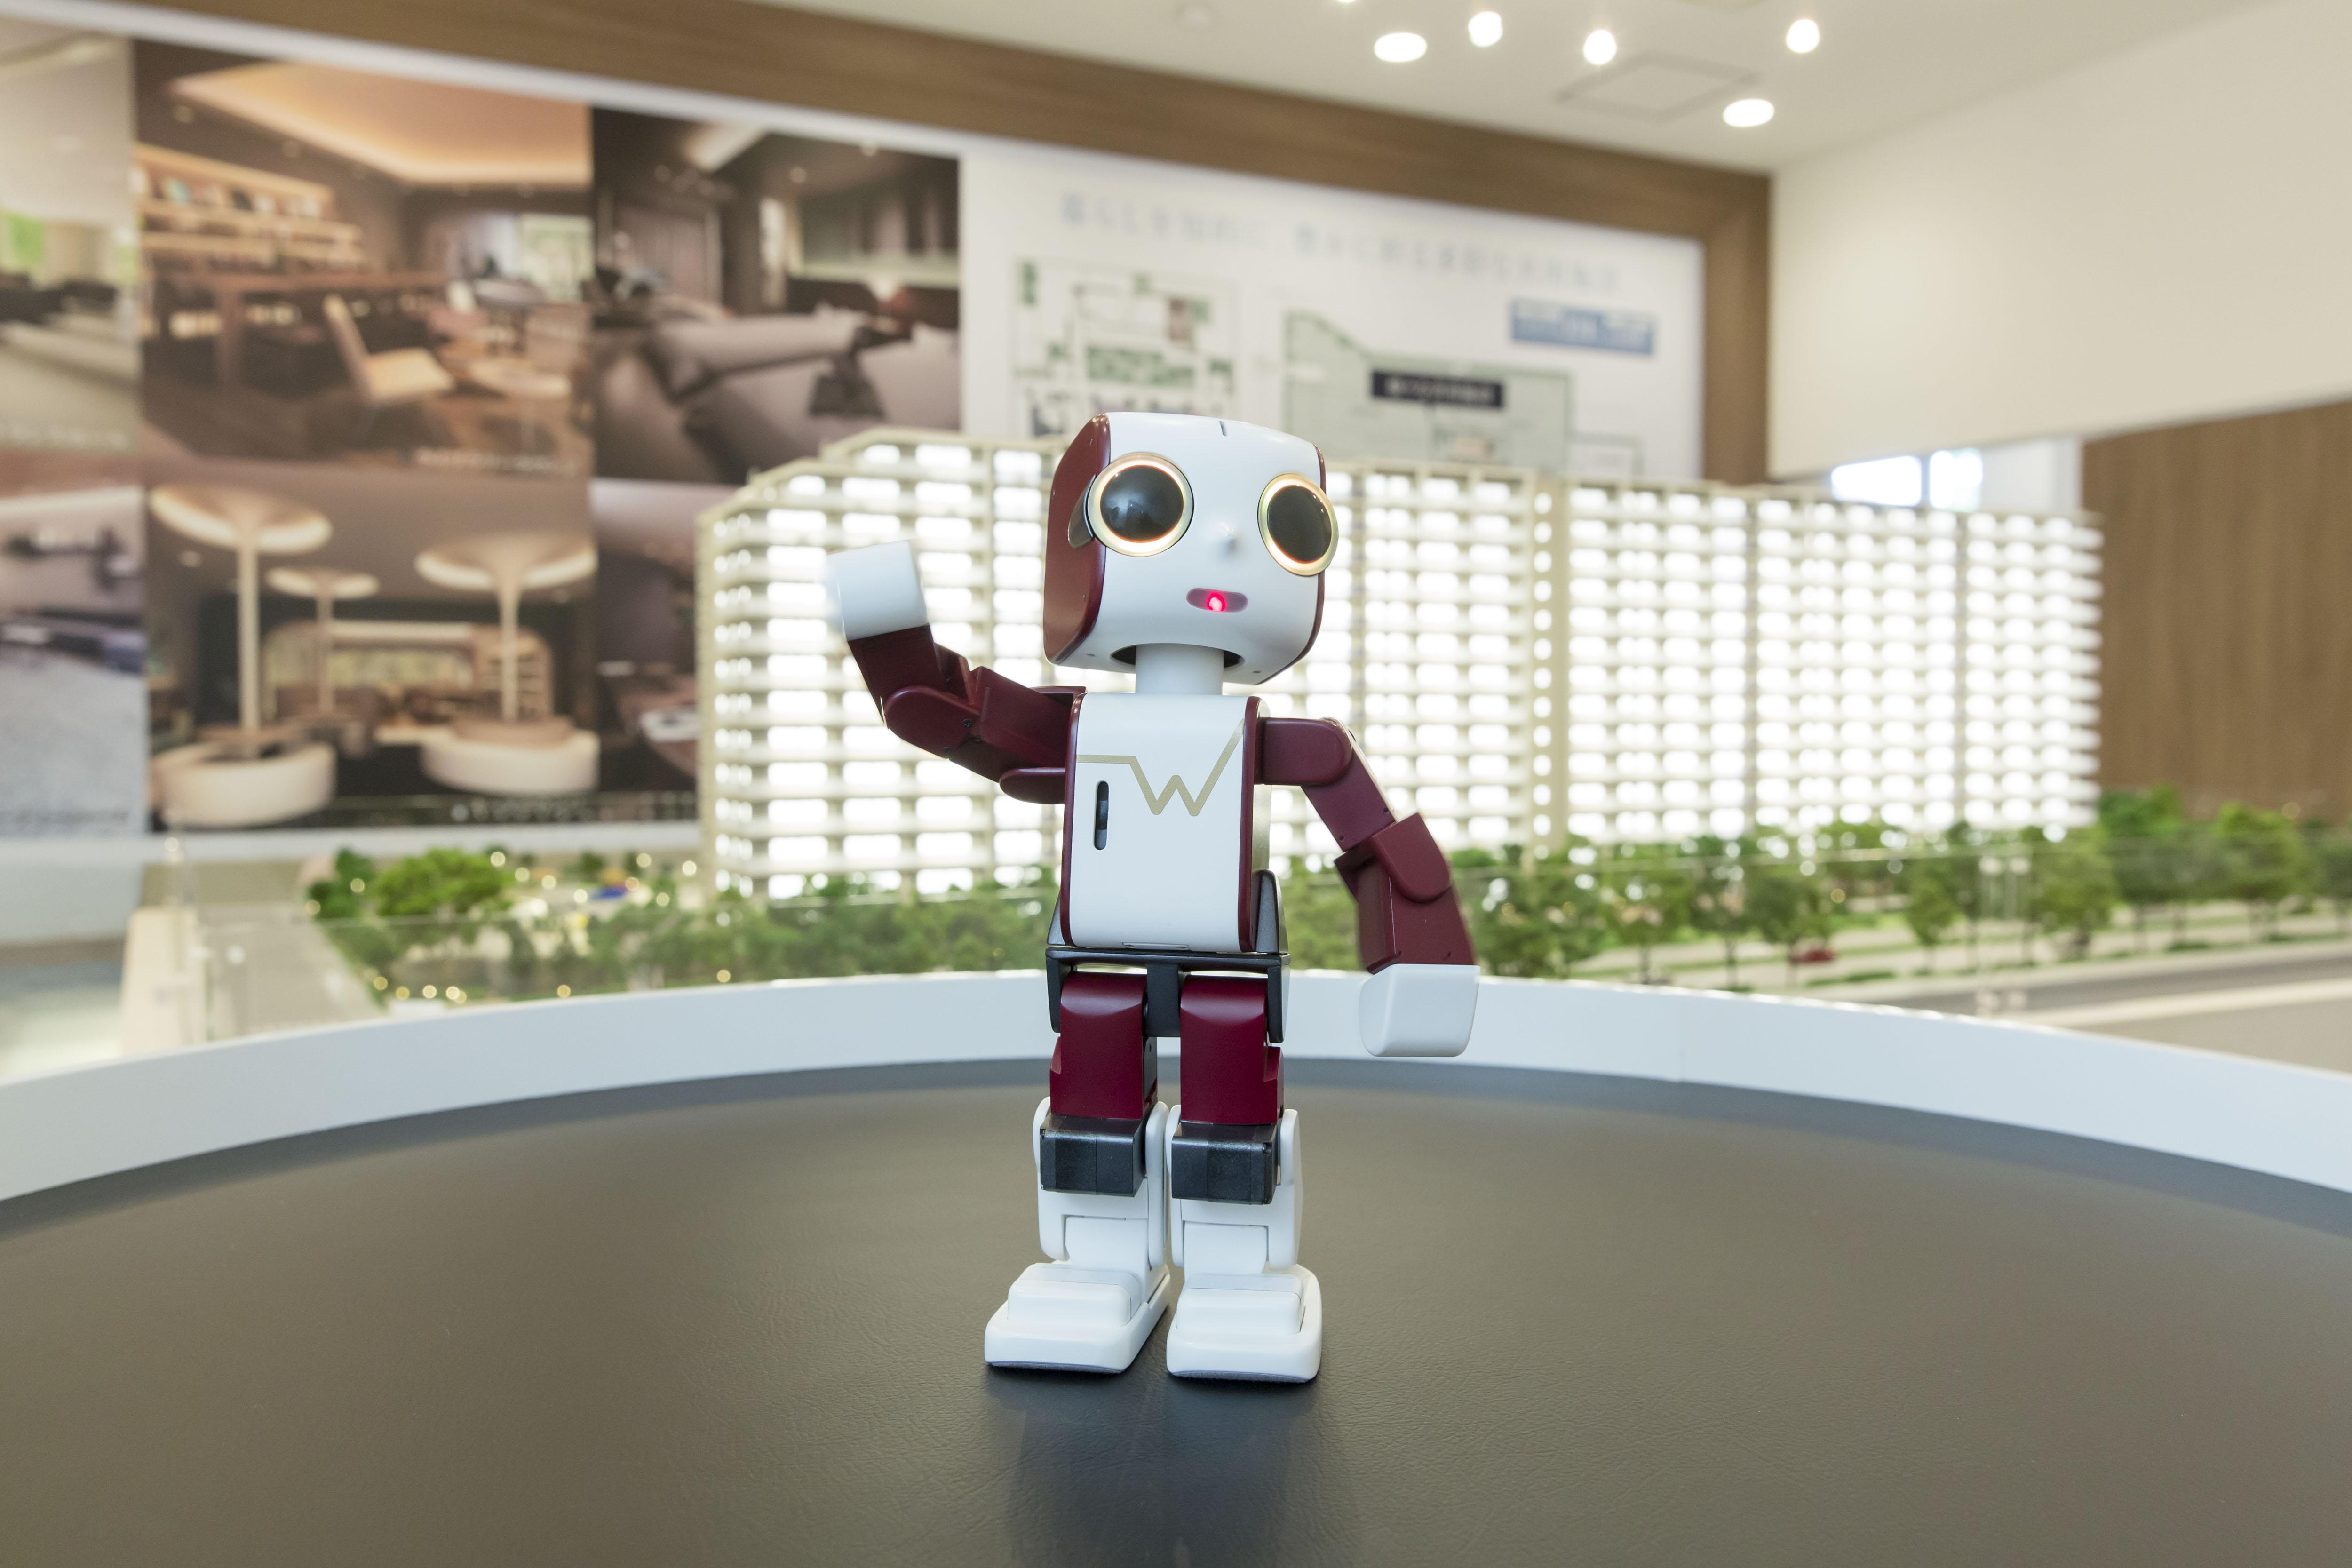 ロボットクリエーター高橋智隆氏開発「ウエリボ」に エーアイのAITalk(R)3声の職人が採用  ~「ウエリスつくば竹園」にて案内ロボットとして活躍中~